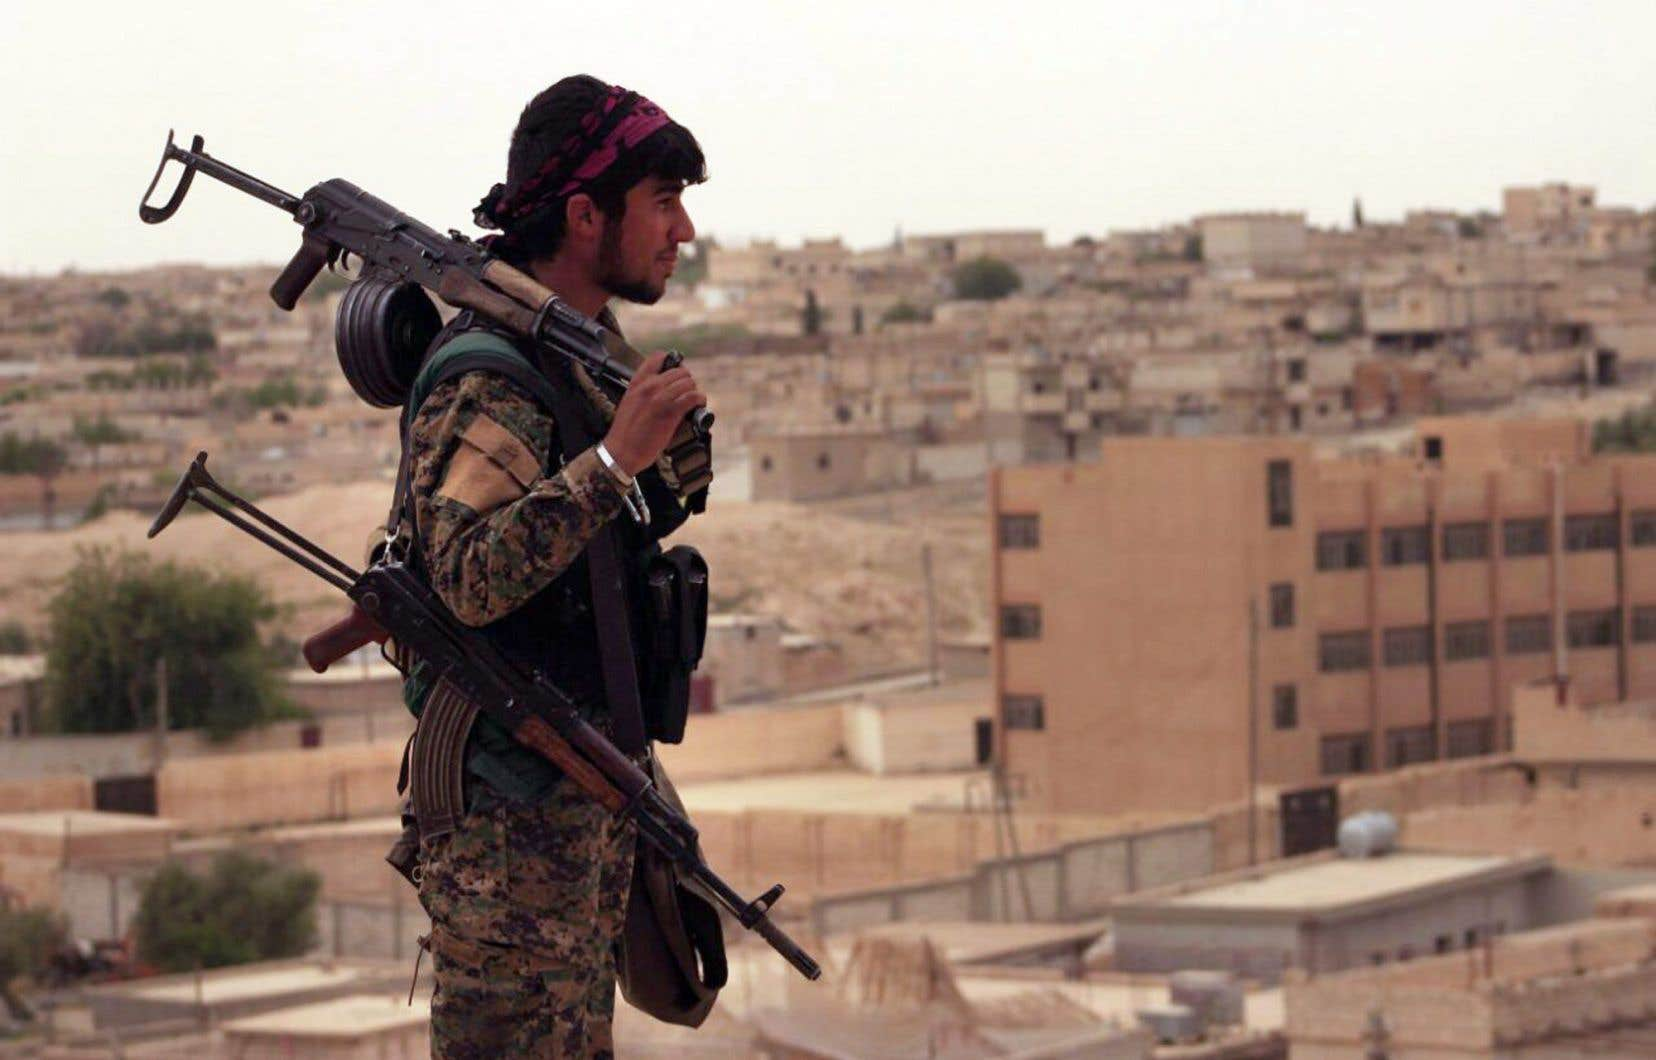 Les Forces démocratiques syriennes ont réussi il y a quelques jours à entrer dans la vieille ville de Raqqa grâce aux frappes de la coalition internationale qui ont ouvert des brèches dans la muraille entourant ce secteur historique fortifié.